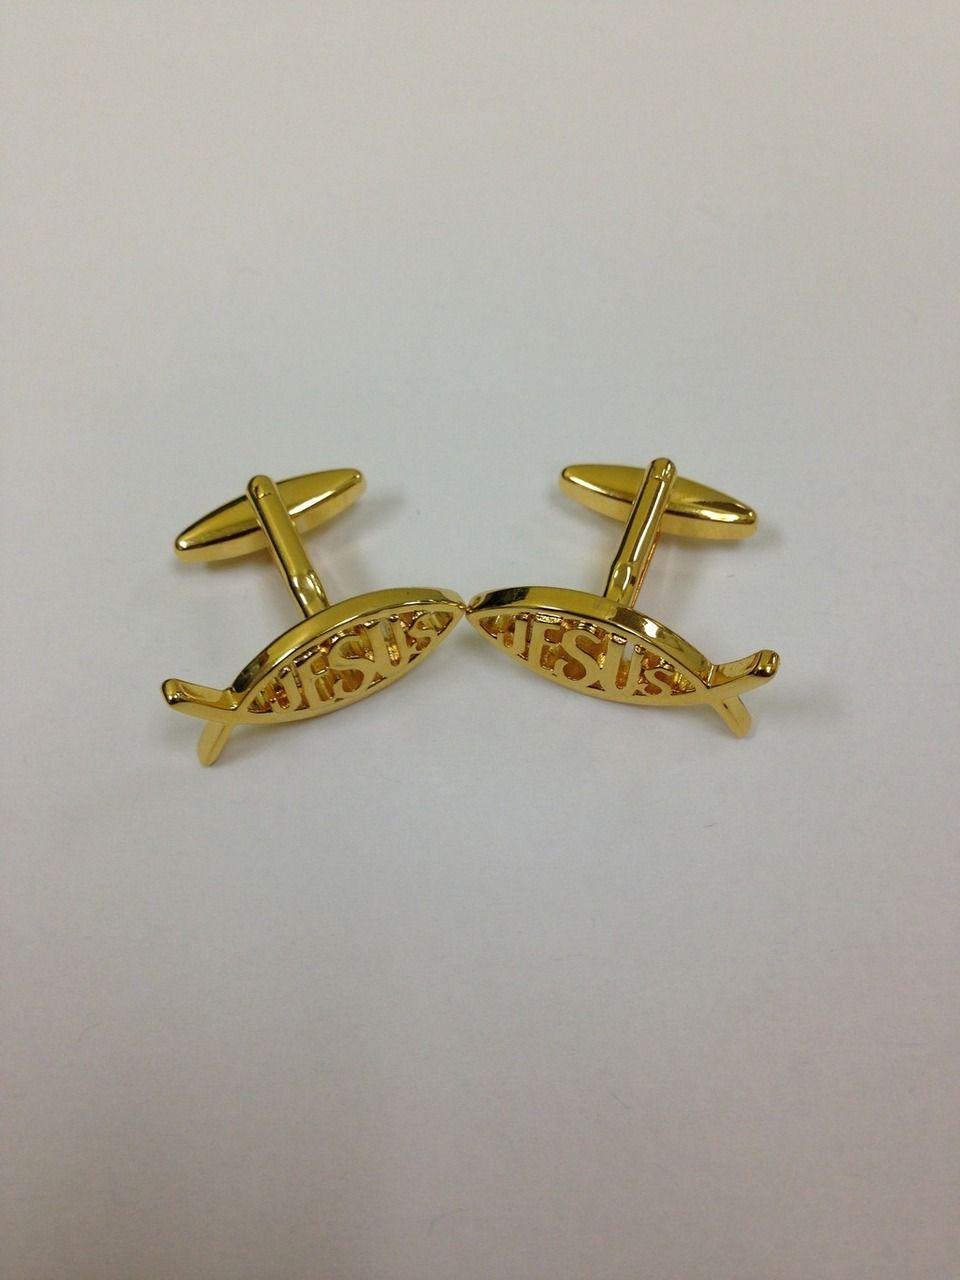 2 Pc. Gold Religious Jesus Fish Cufflinks